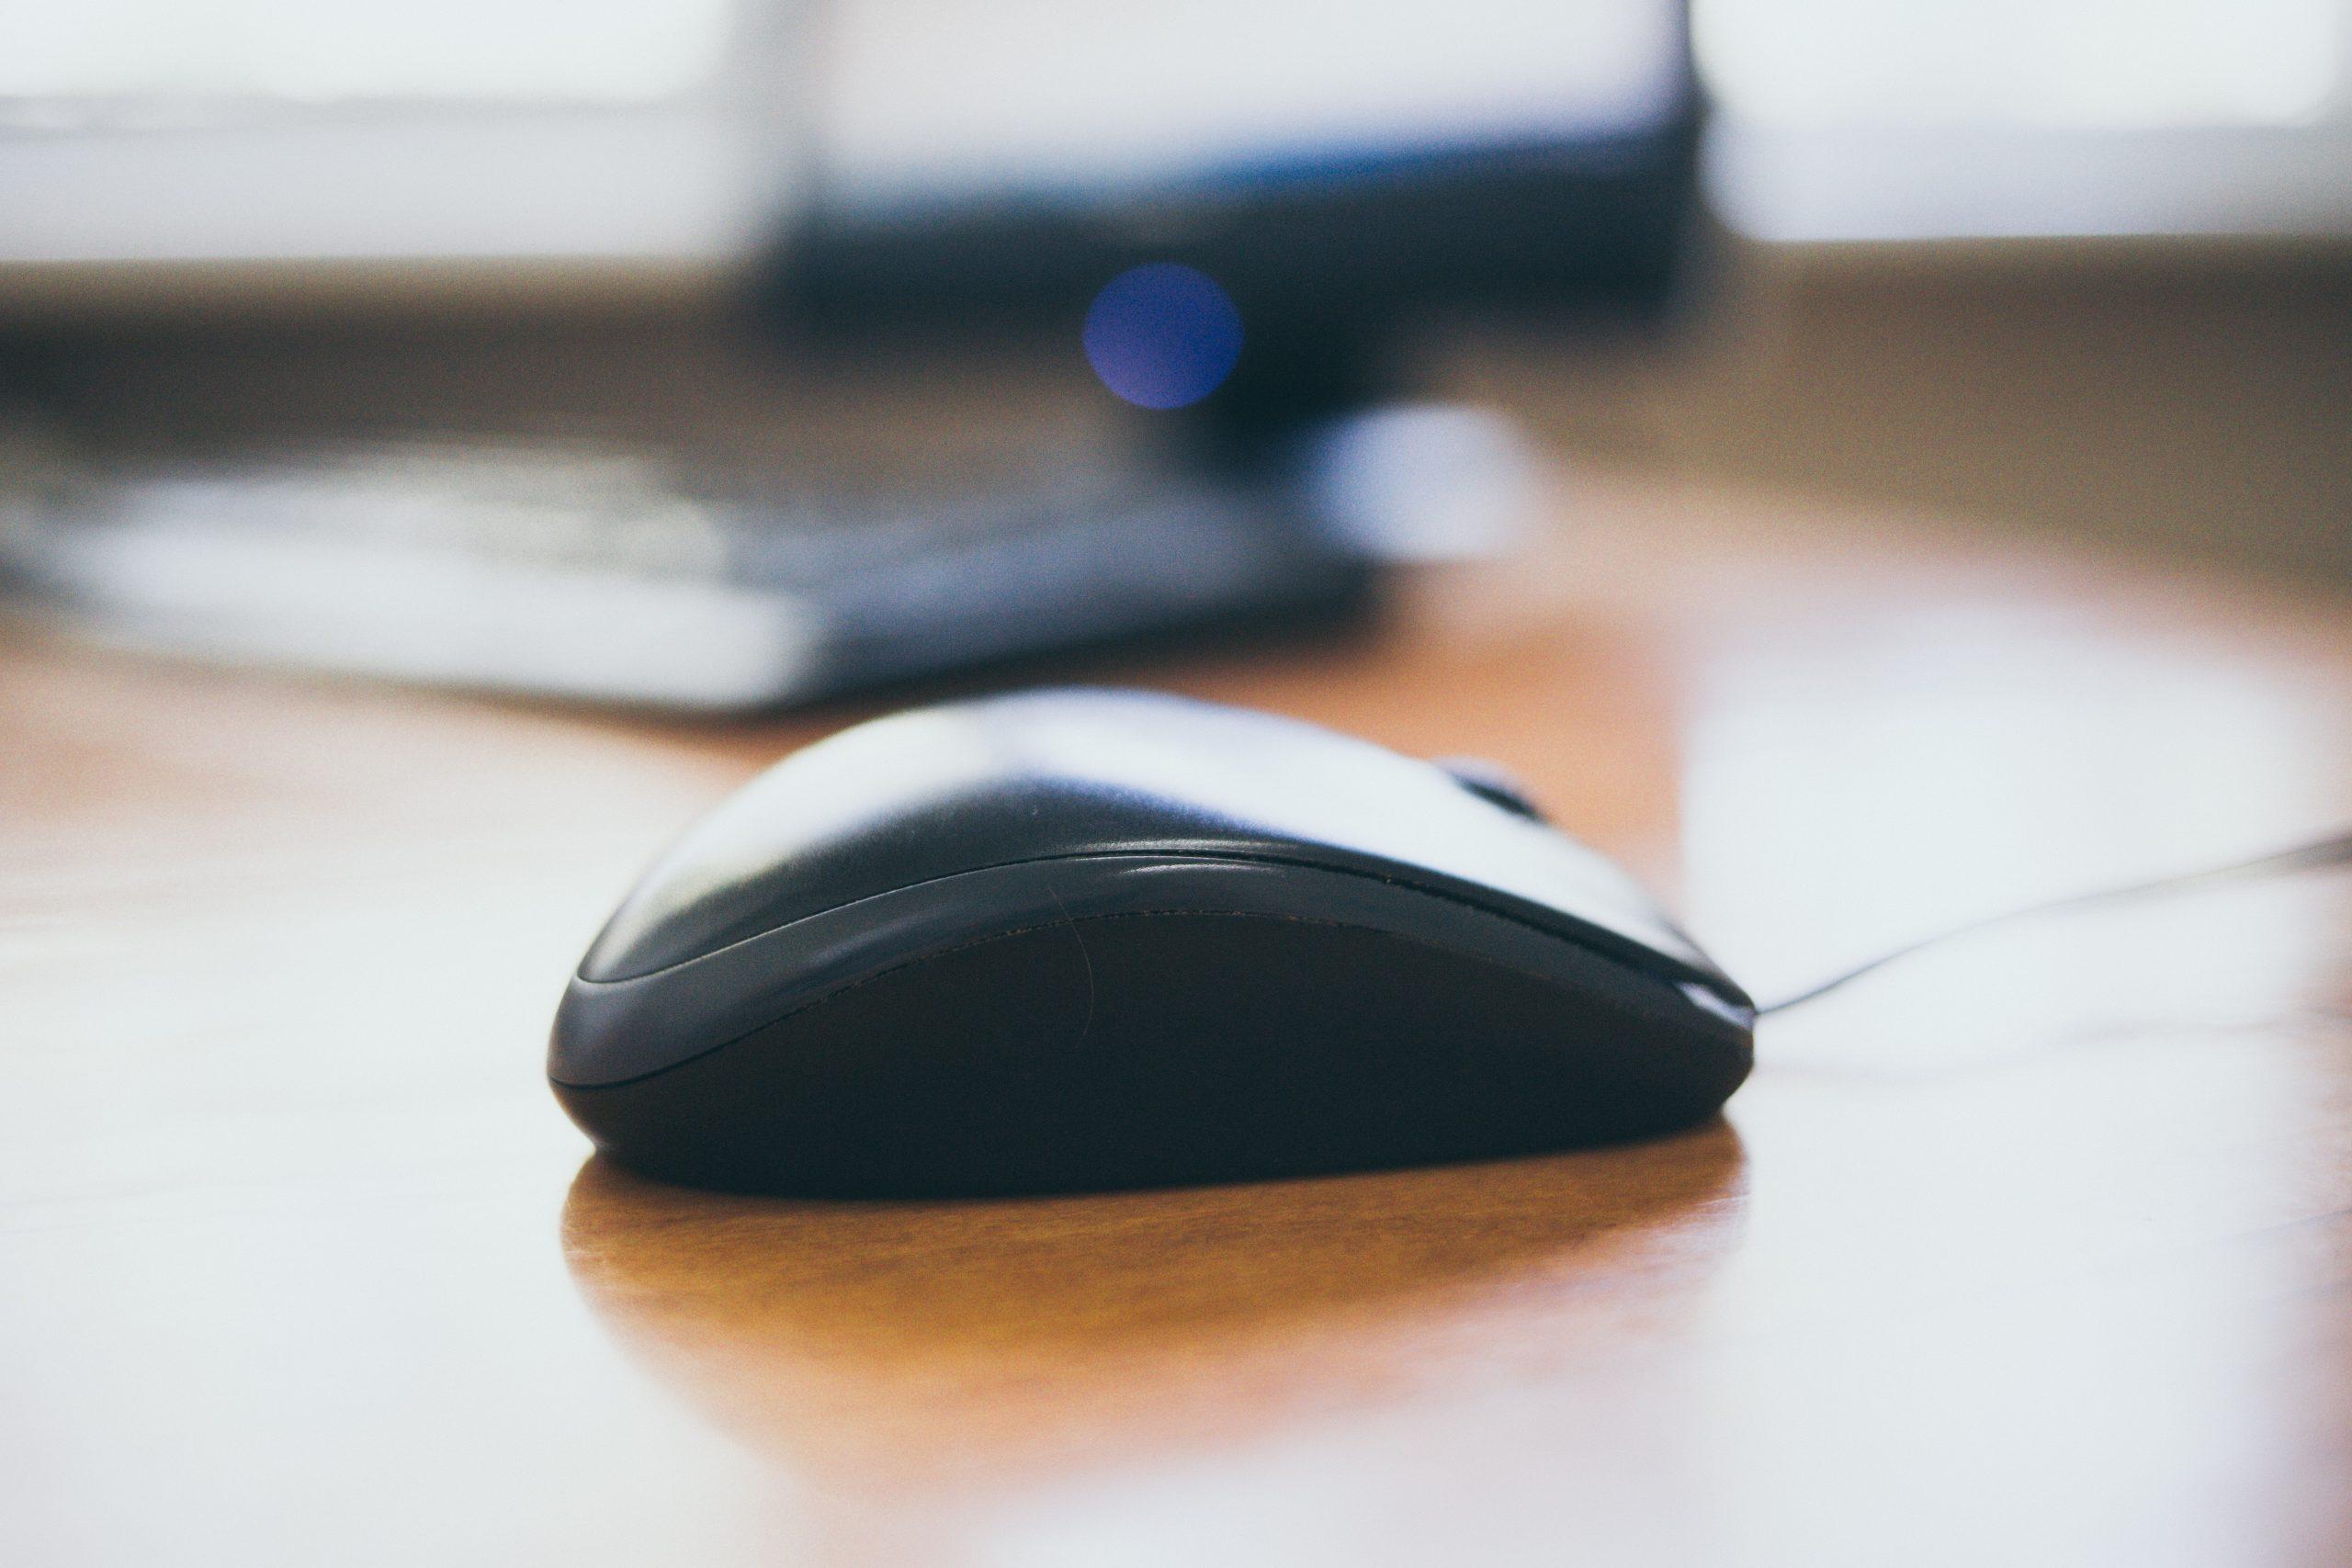 Imagem mostra um mouse sobre uma mesa.